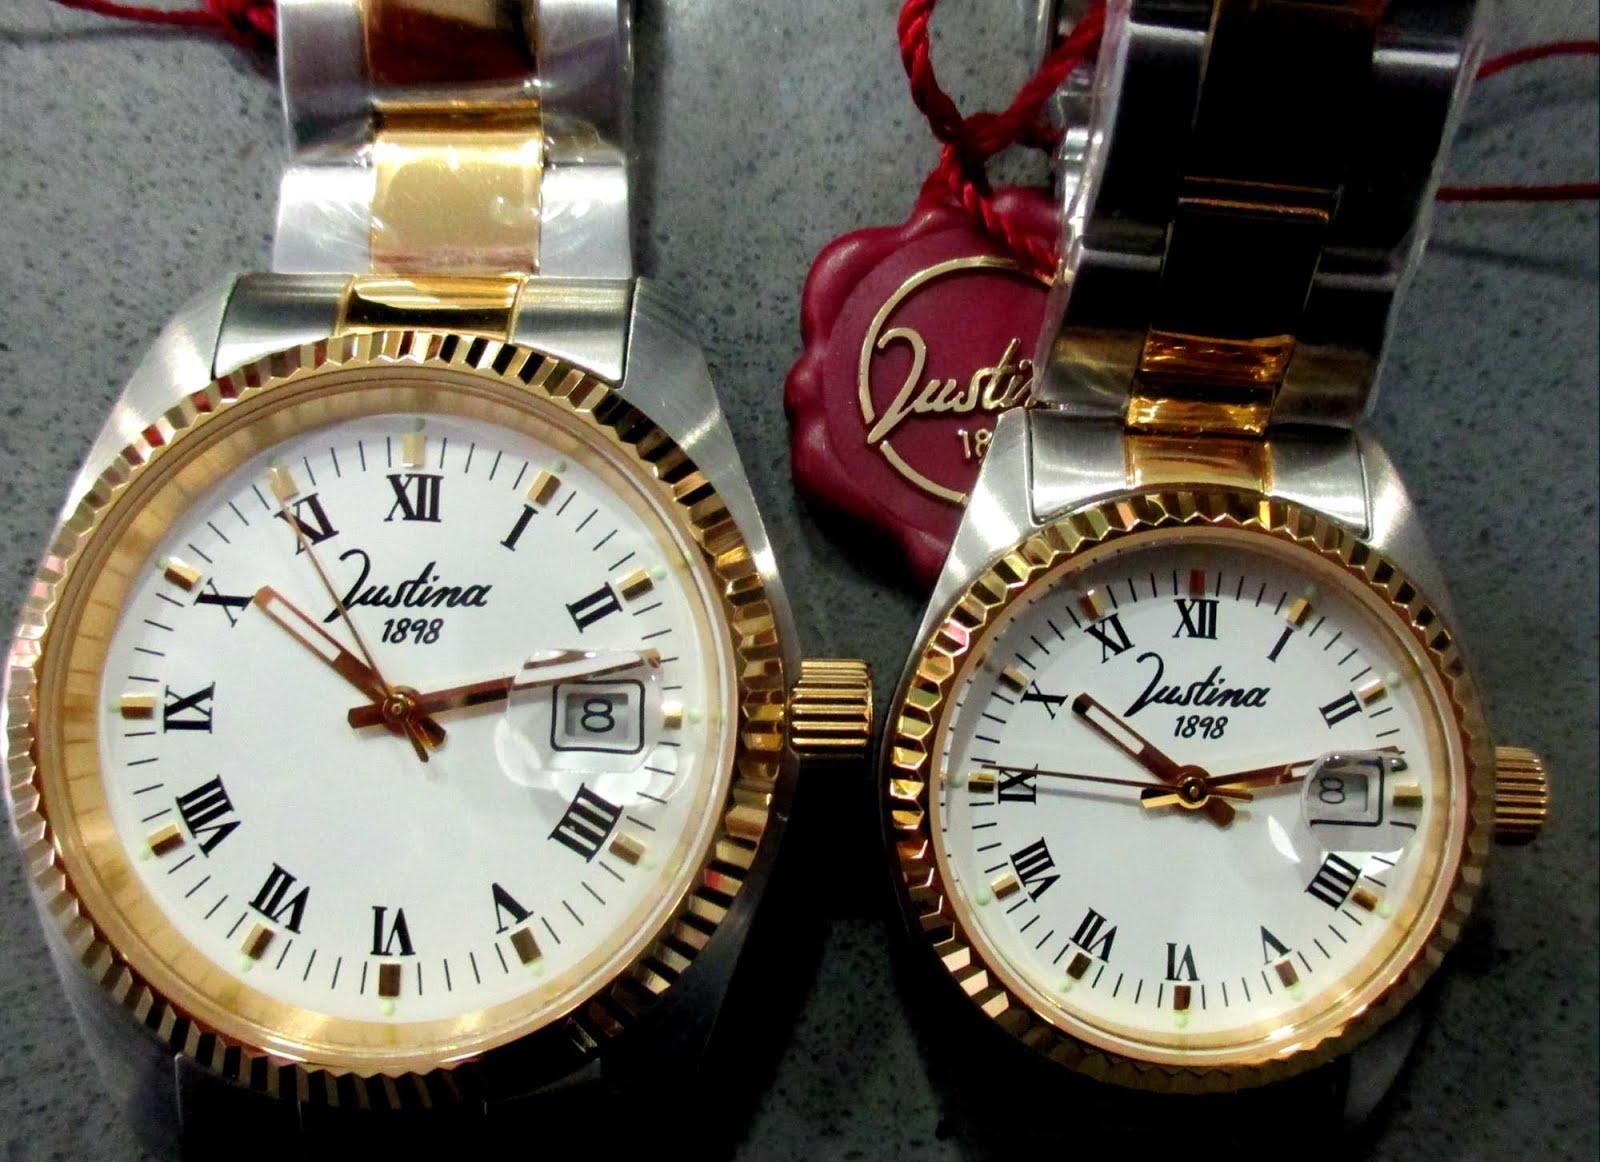 Relojes Justina, pulsera de acero bicolor, bisel dorado, calendario con lupa, cerrado a rosca